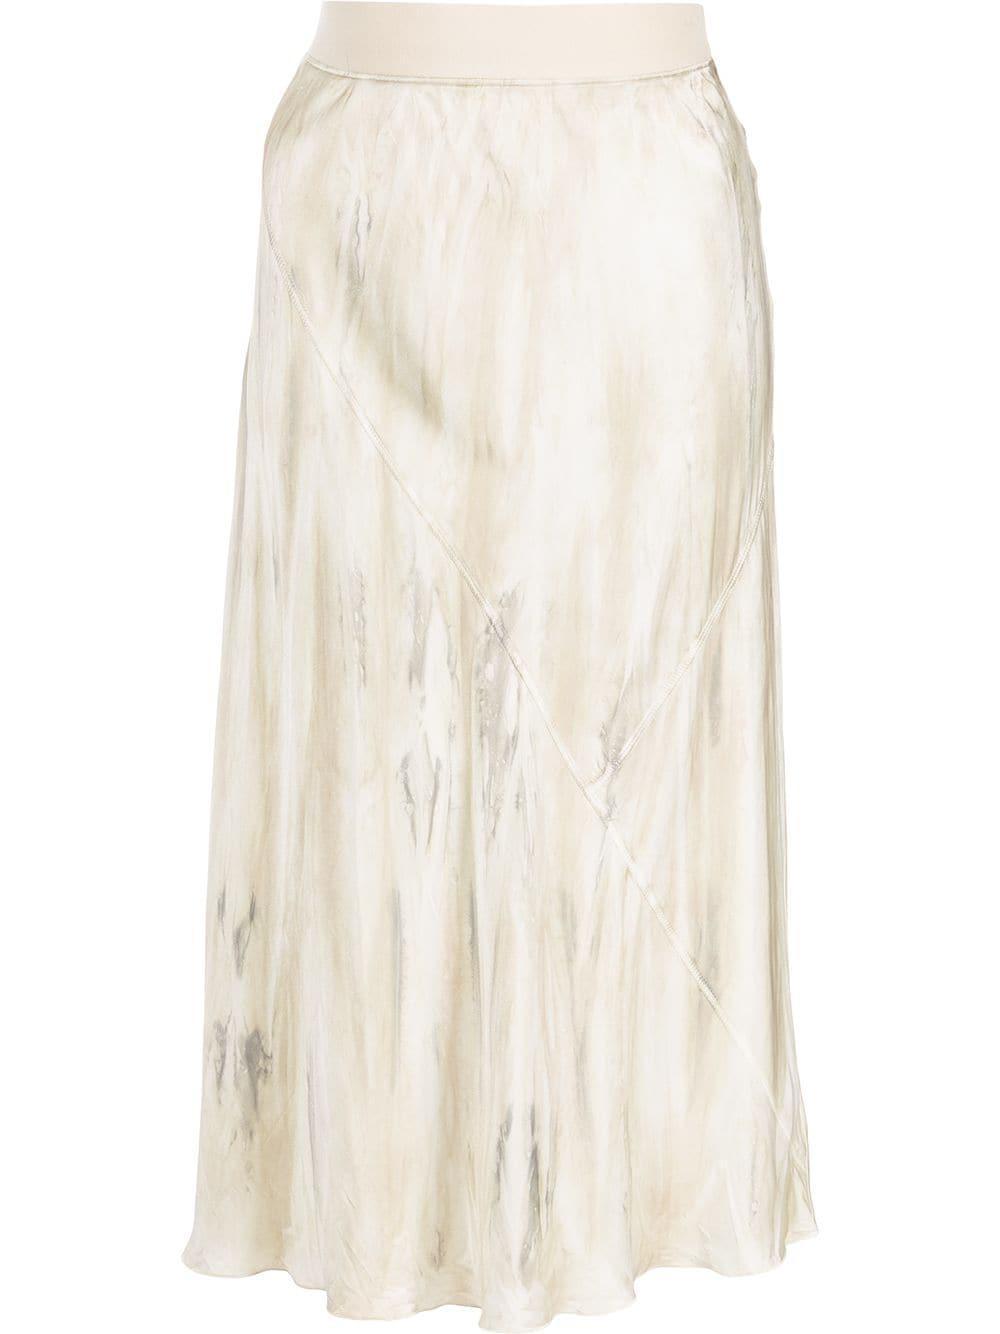 Silk Watercolor Midi Skirt Item # AW9800-BD31